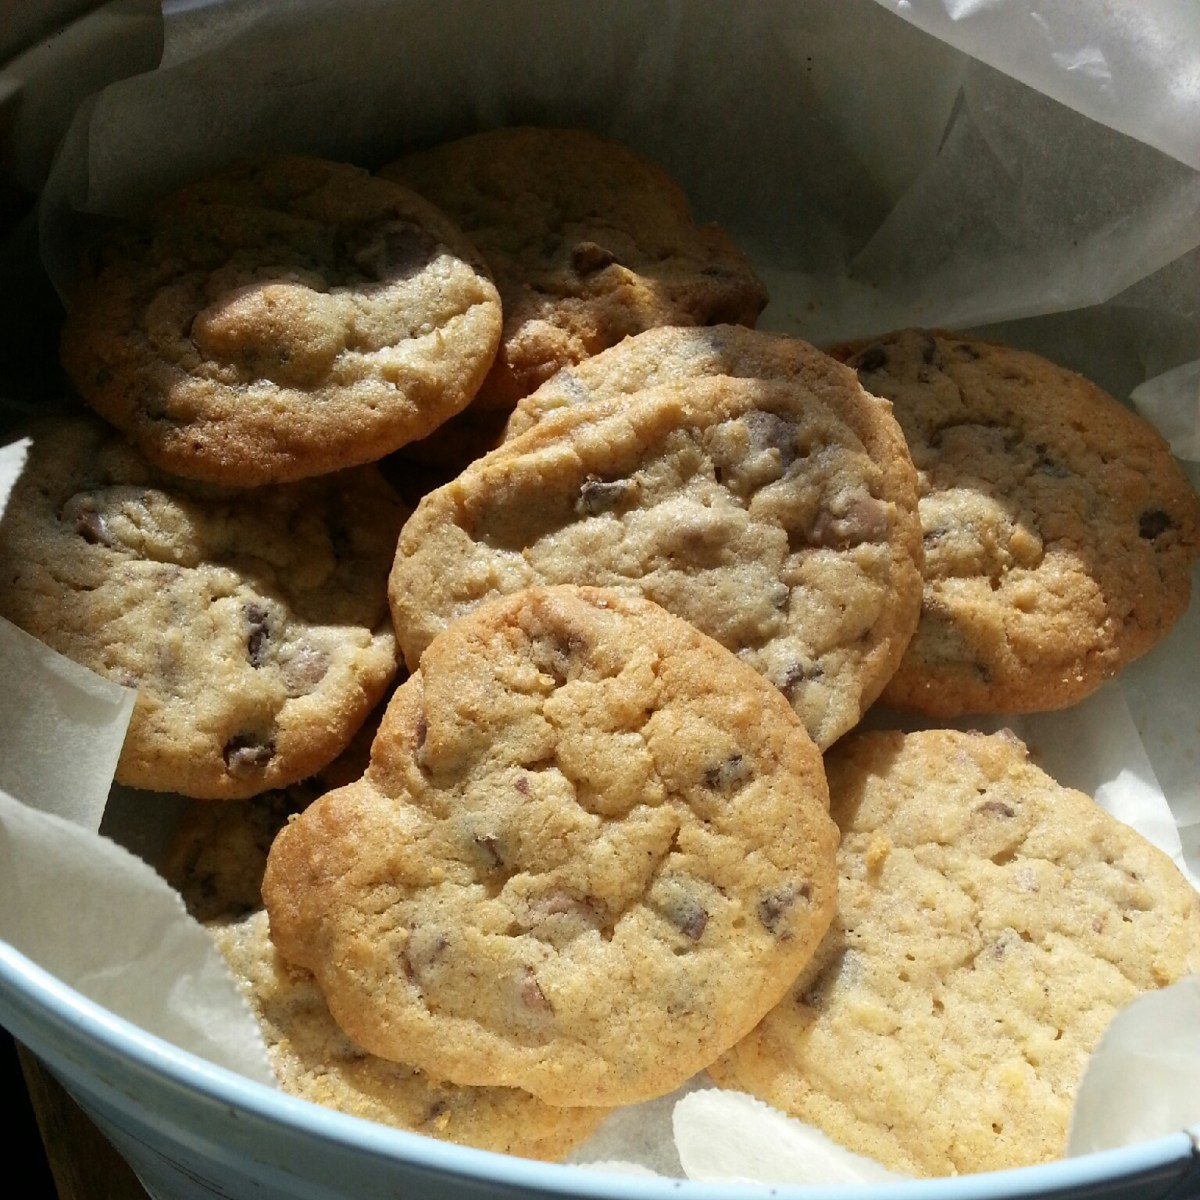 Choc chip biscuits